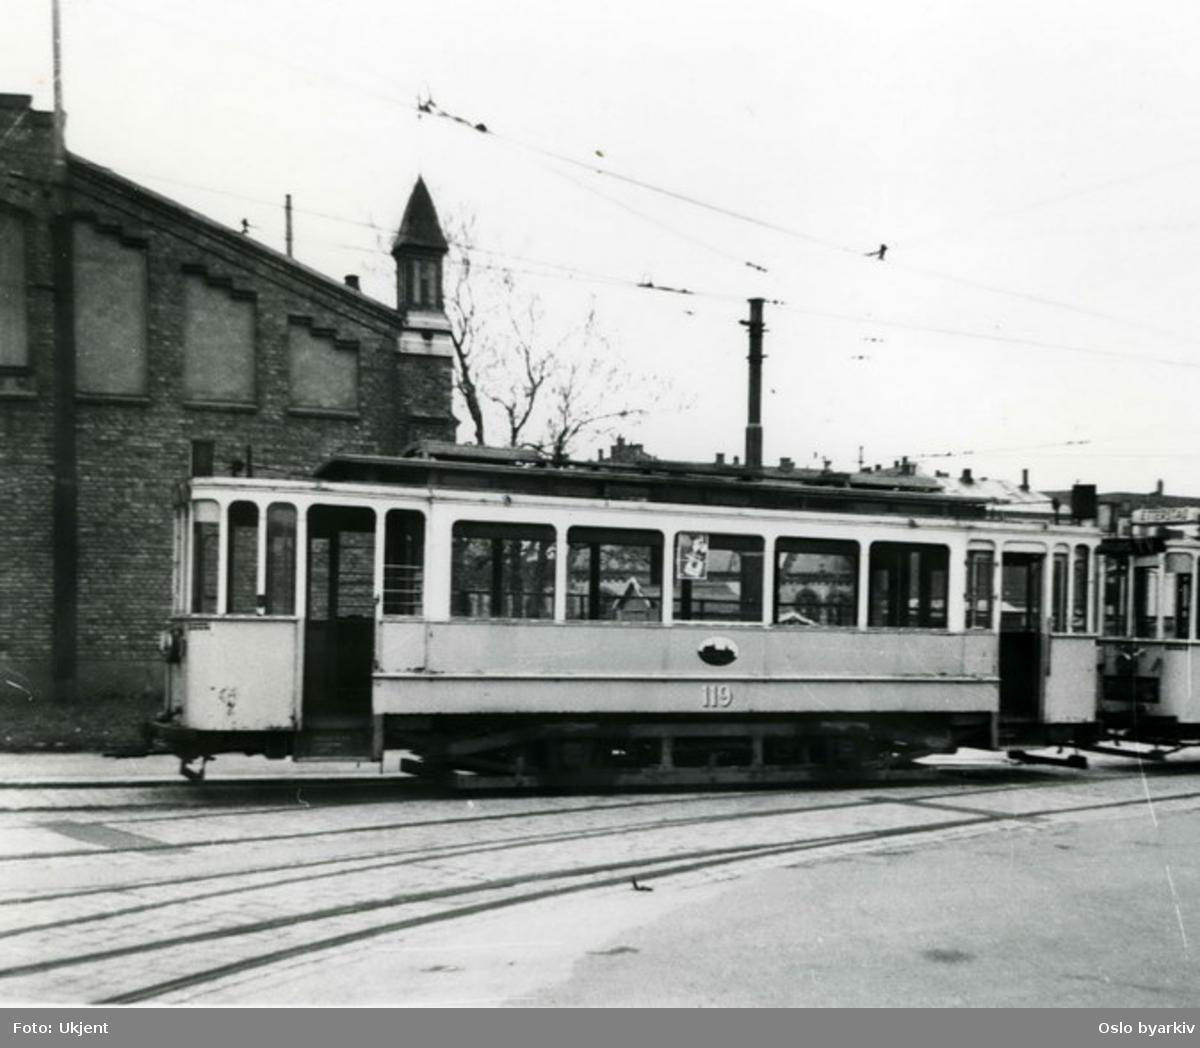 Linje til Etterstad, SS vogn 119 koblet til motorvog foran trikkestall. Kanskje brukt for transport til hogging på Vålerenga (fra Majorstuen)?